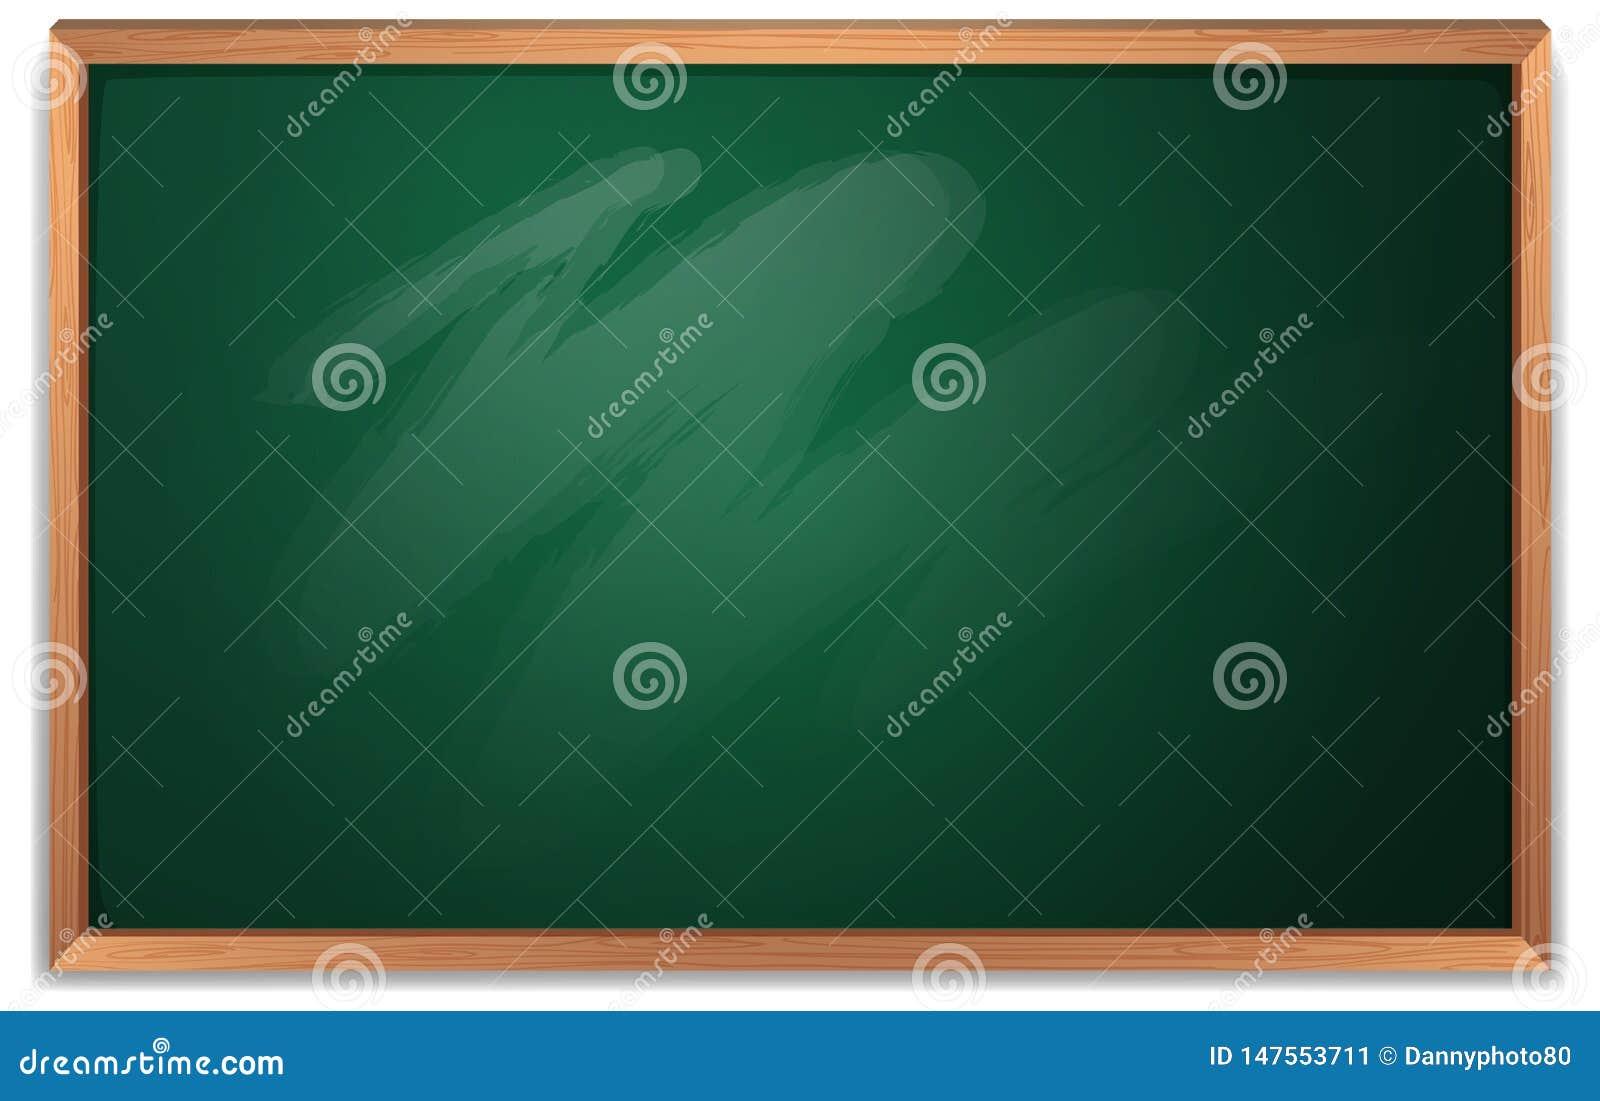 An empty chalkboard template